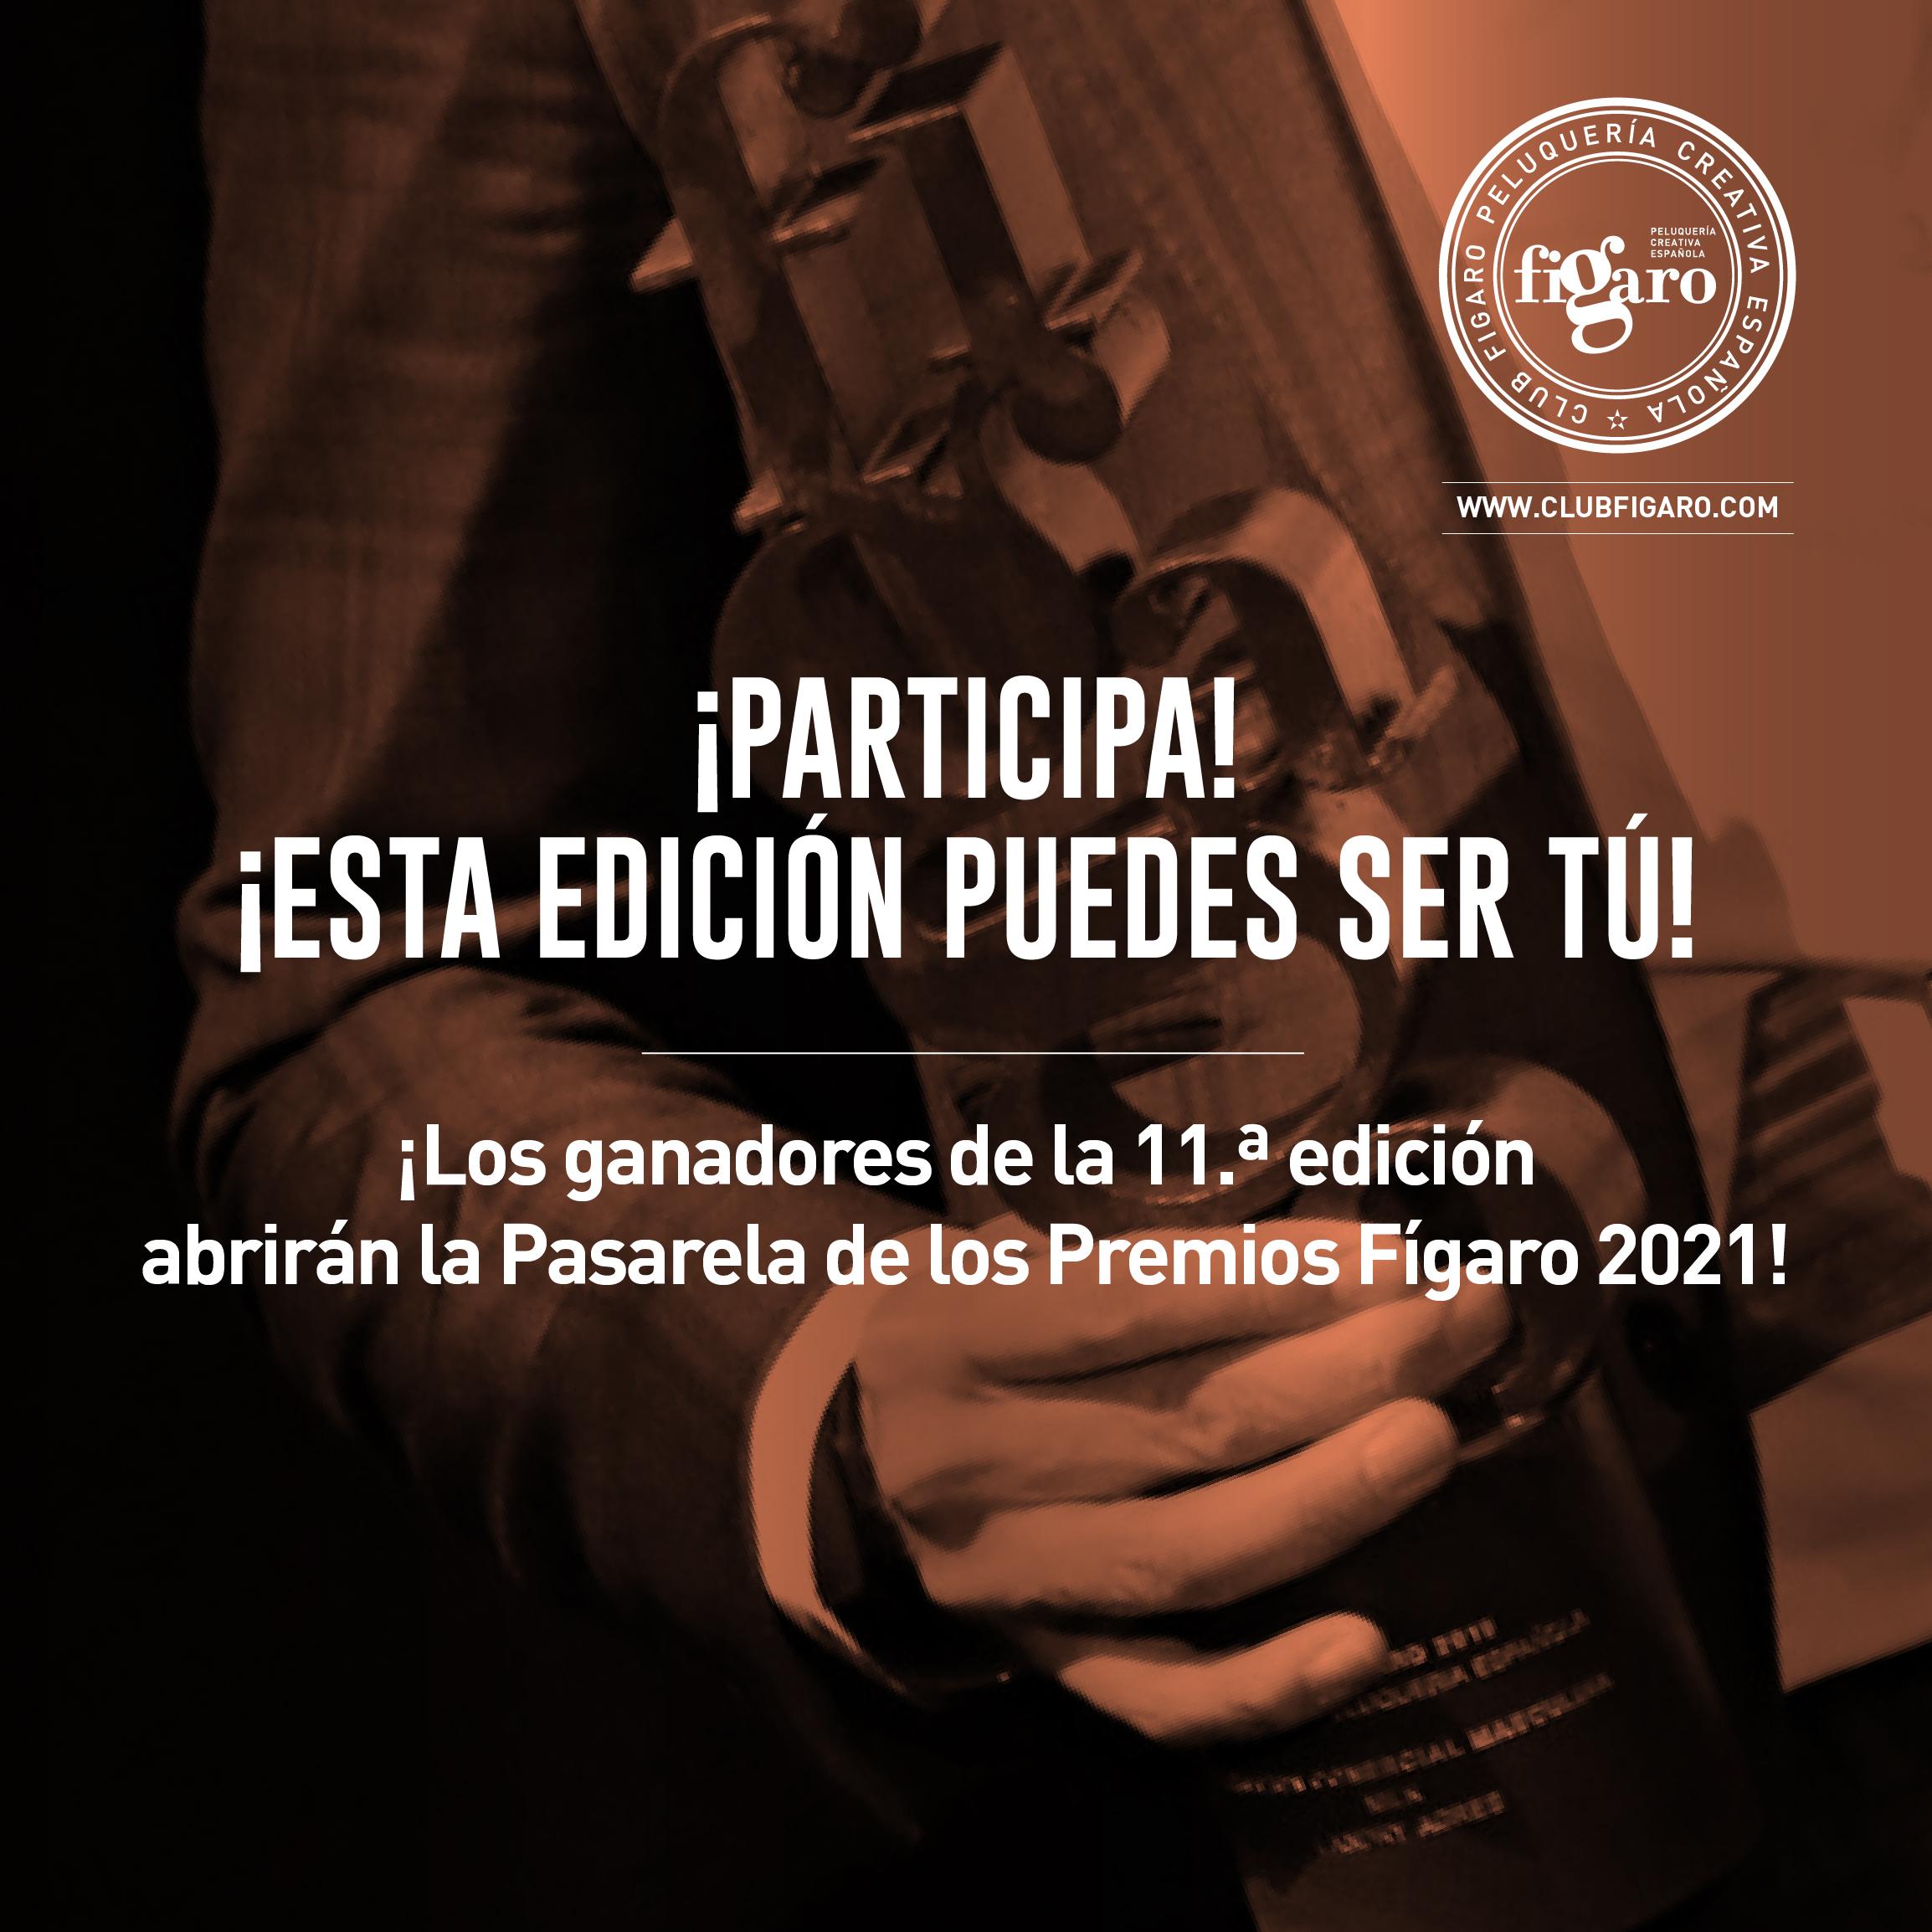 LOS GANADORES DE LOS PREMIOS FÍGARO 2020 SERÁN LOS ENCARGADOS DE ABRIR LA PASARELA FÍGARO DE LA PRÓXIMA EDICIÓN